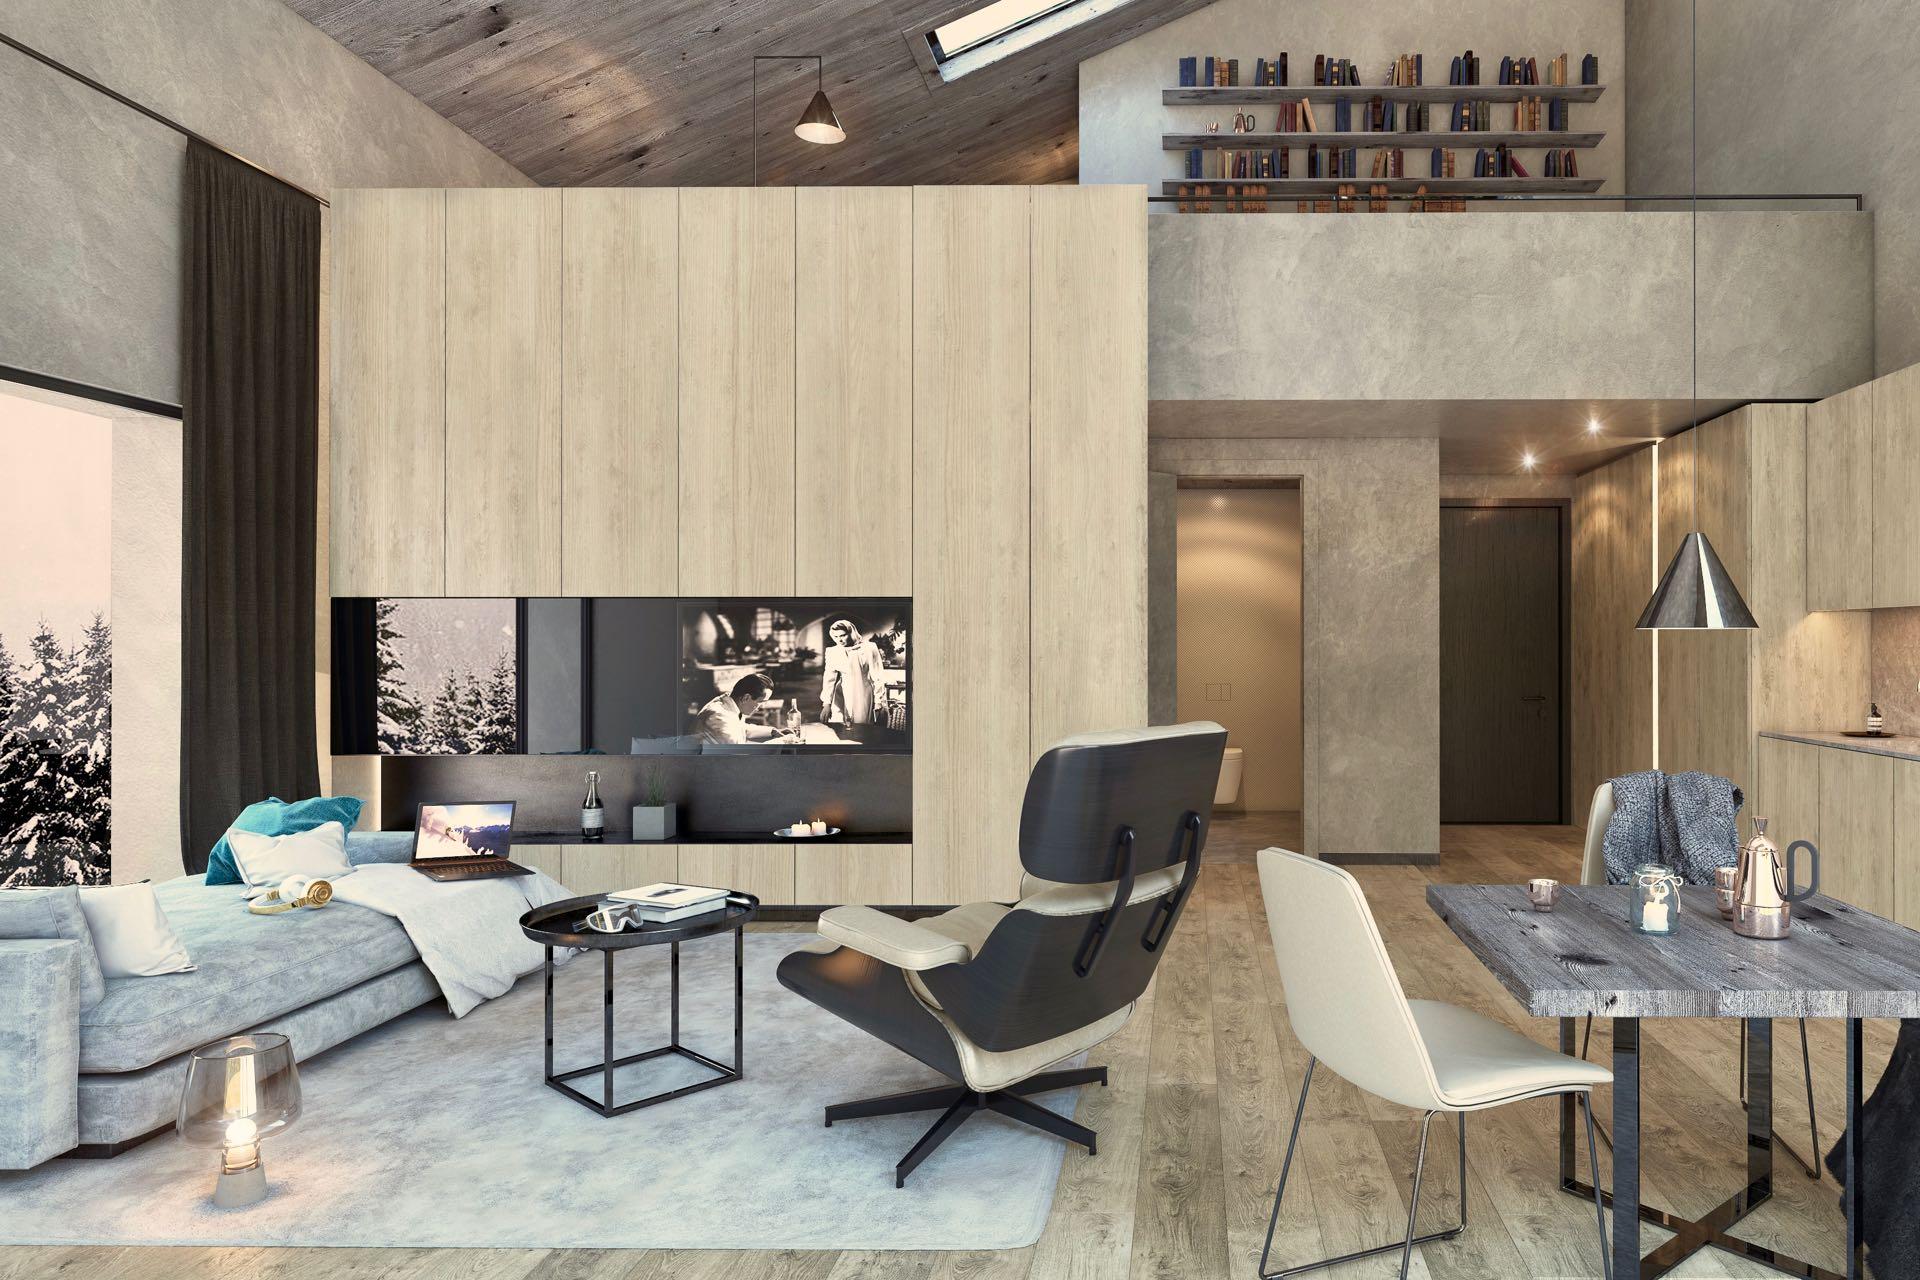 Modernes, stilvolles 2.5 Zimmer-Apartment - Wohnfläche ca.: 49 m²Schlafzimmer: 1Badezimmer: 1Ref. 88516-2